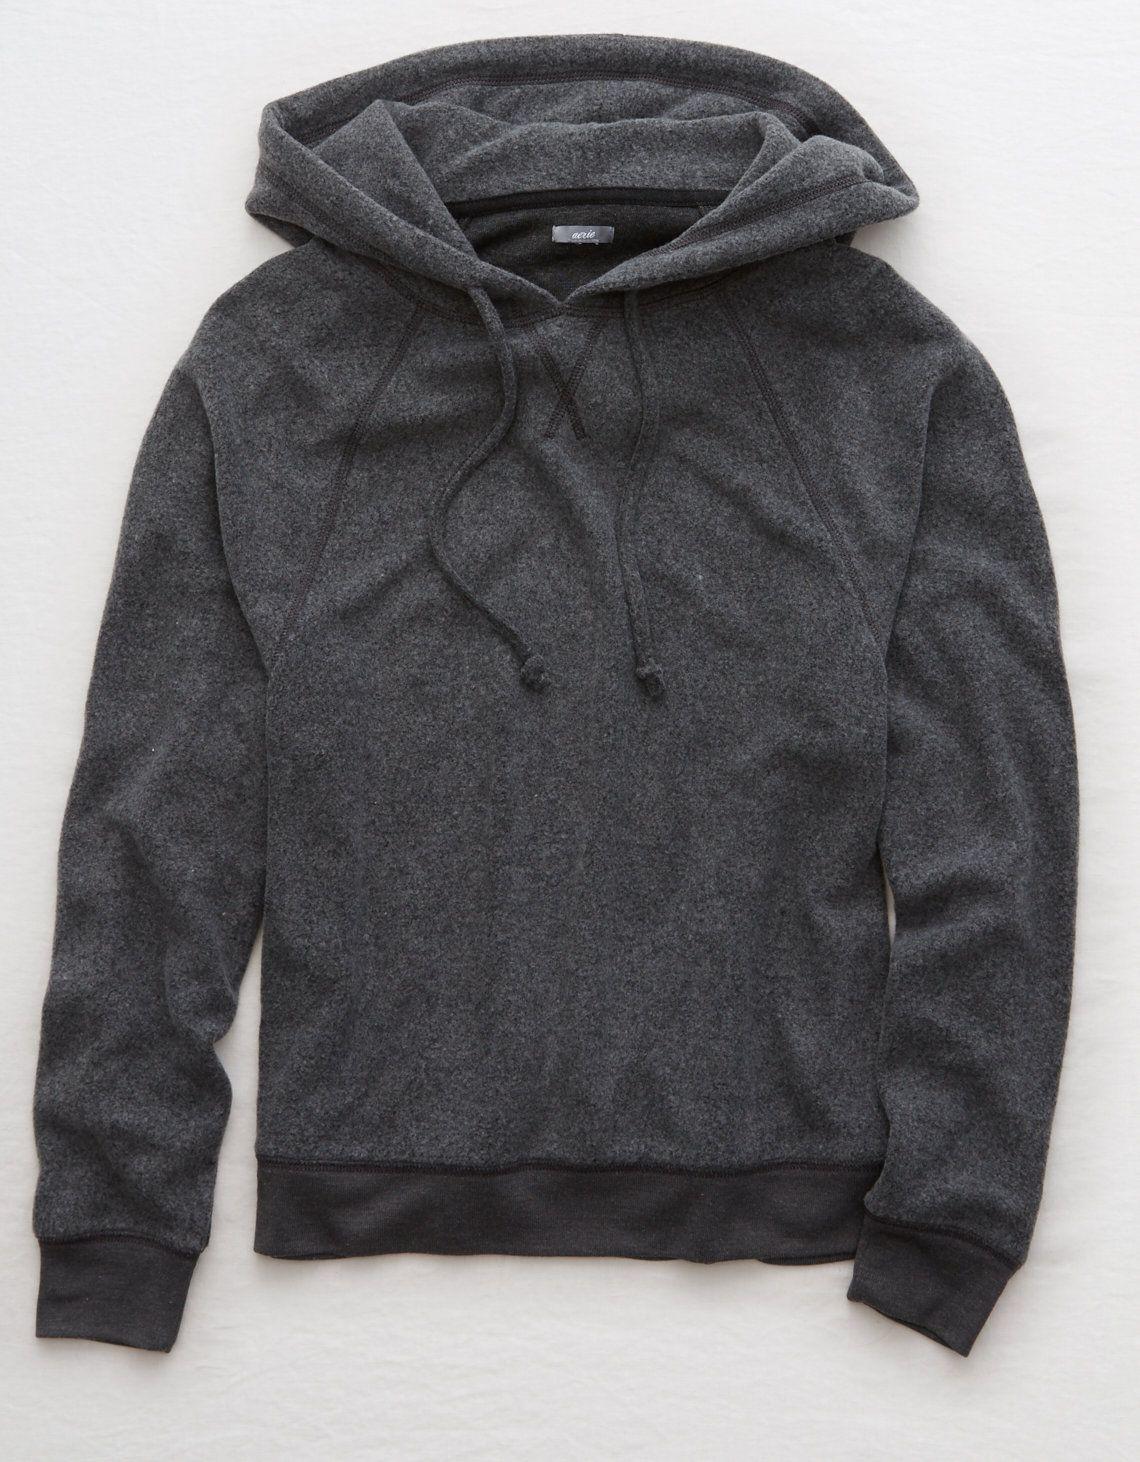 Aerie Dolman Plush Hoodie Dark Heather Medium 32 Hoodies Sweatshirts Hoodie Mens Outfitters [ 1462 x 1140 Pixel ]